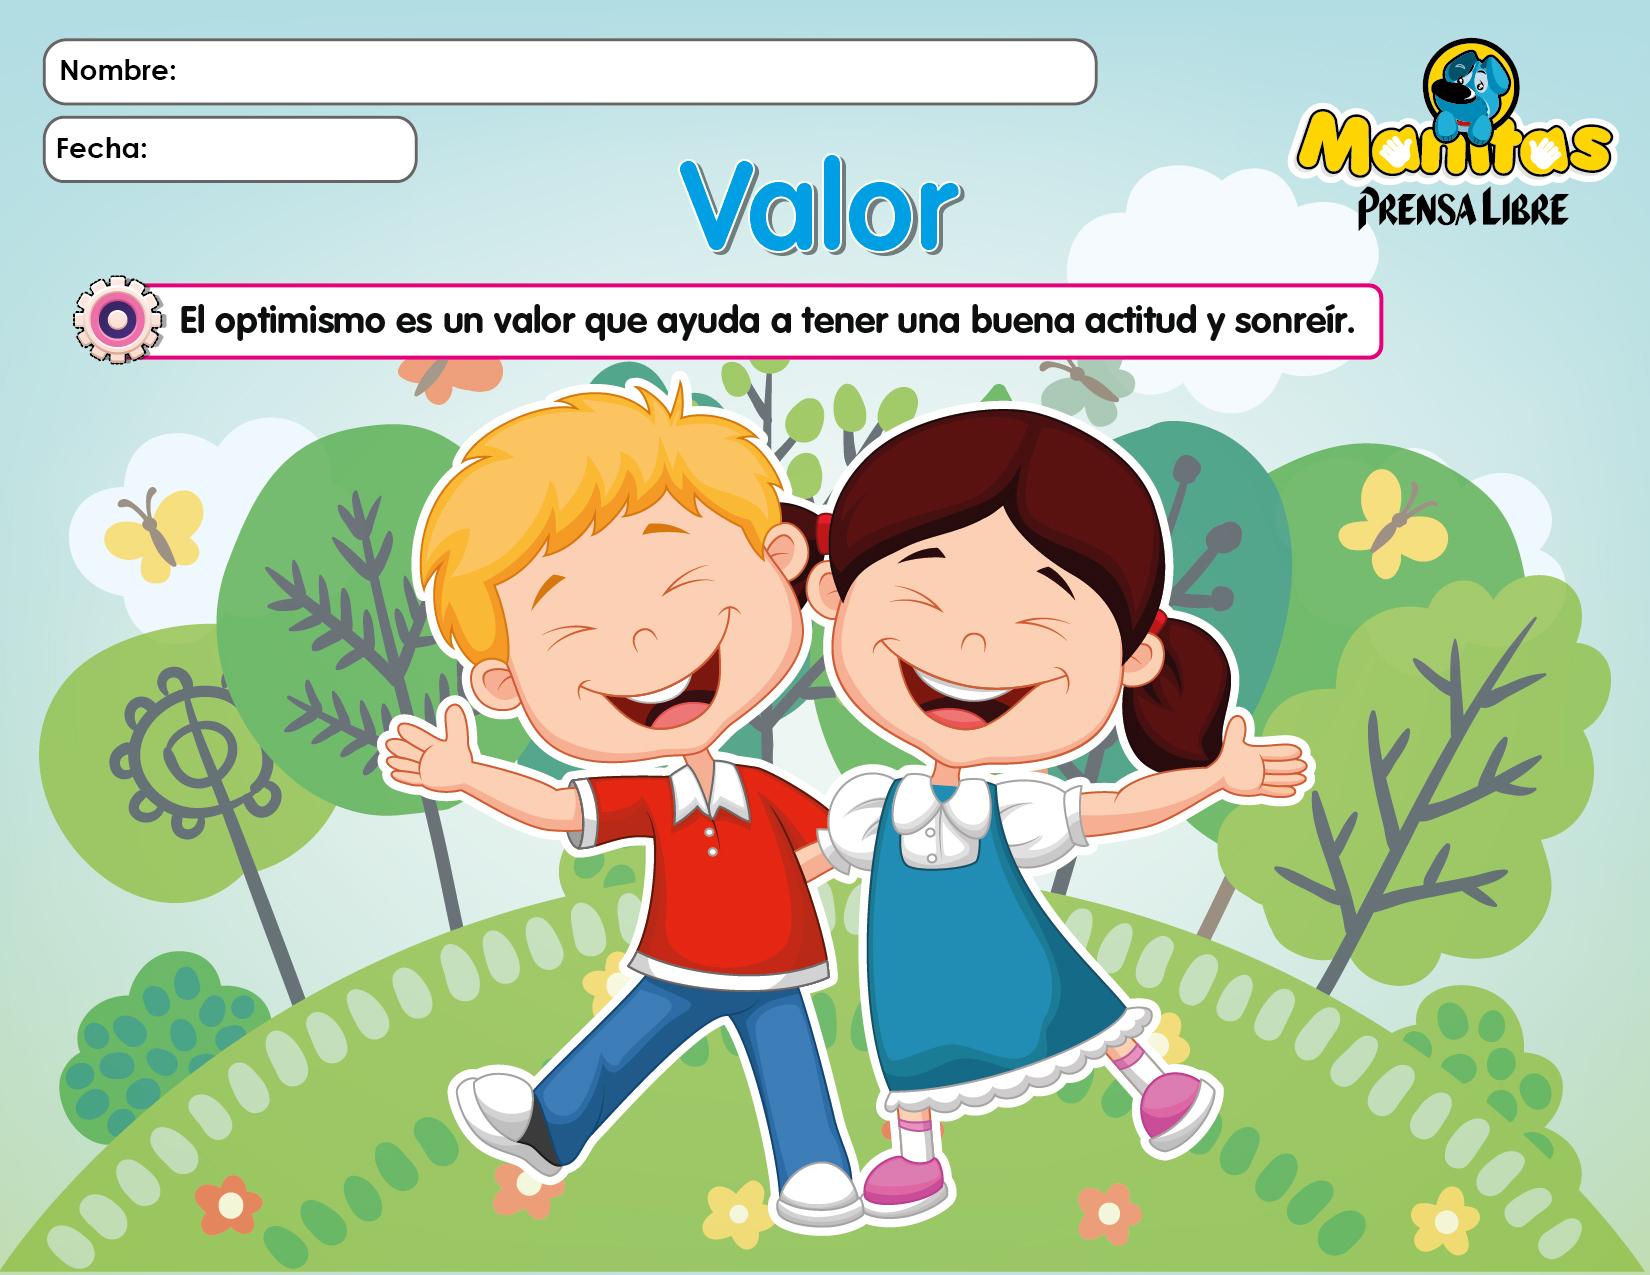 Frases Infantiles Sobre El Valor De La Justicia En El Mundo: Orientación Andújar